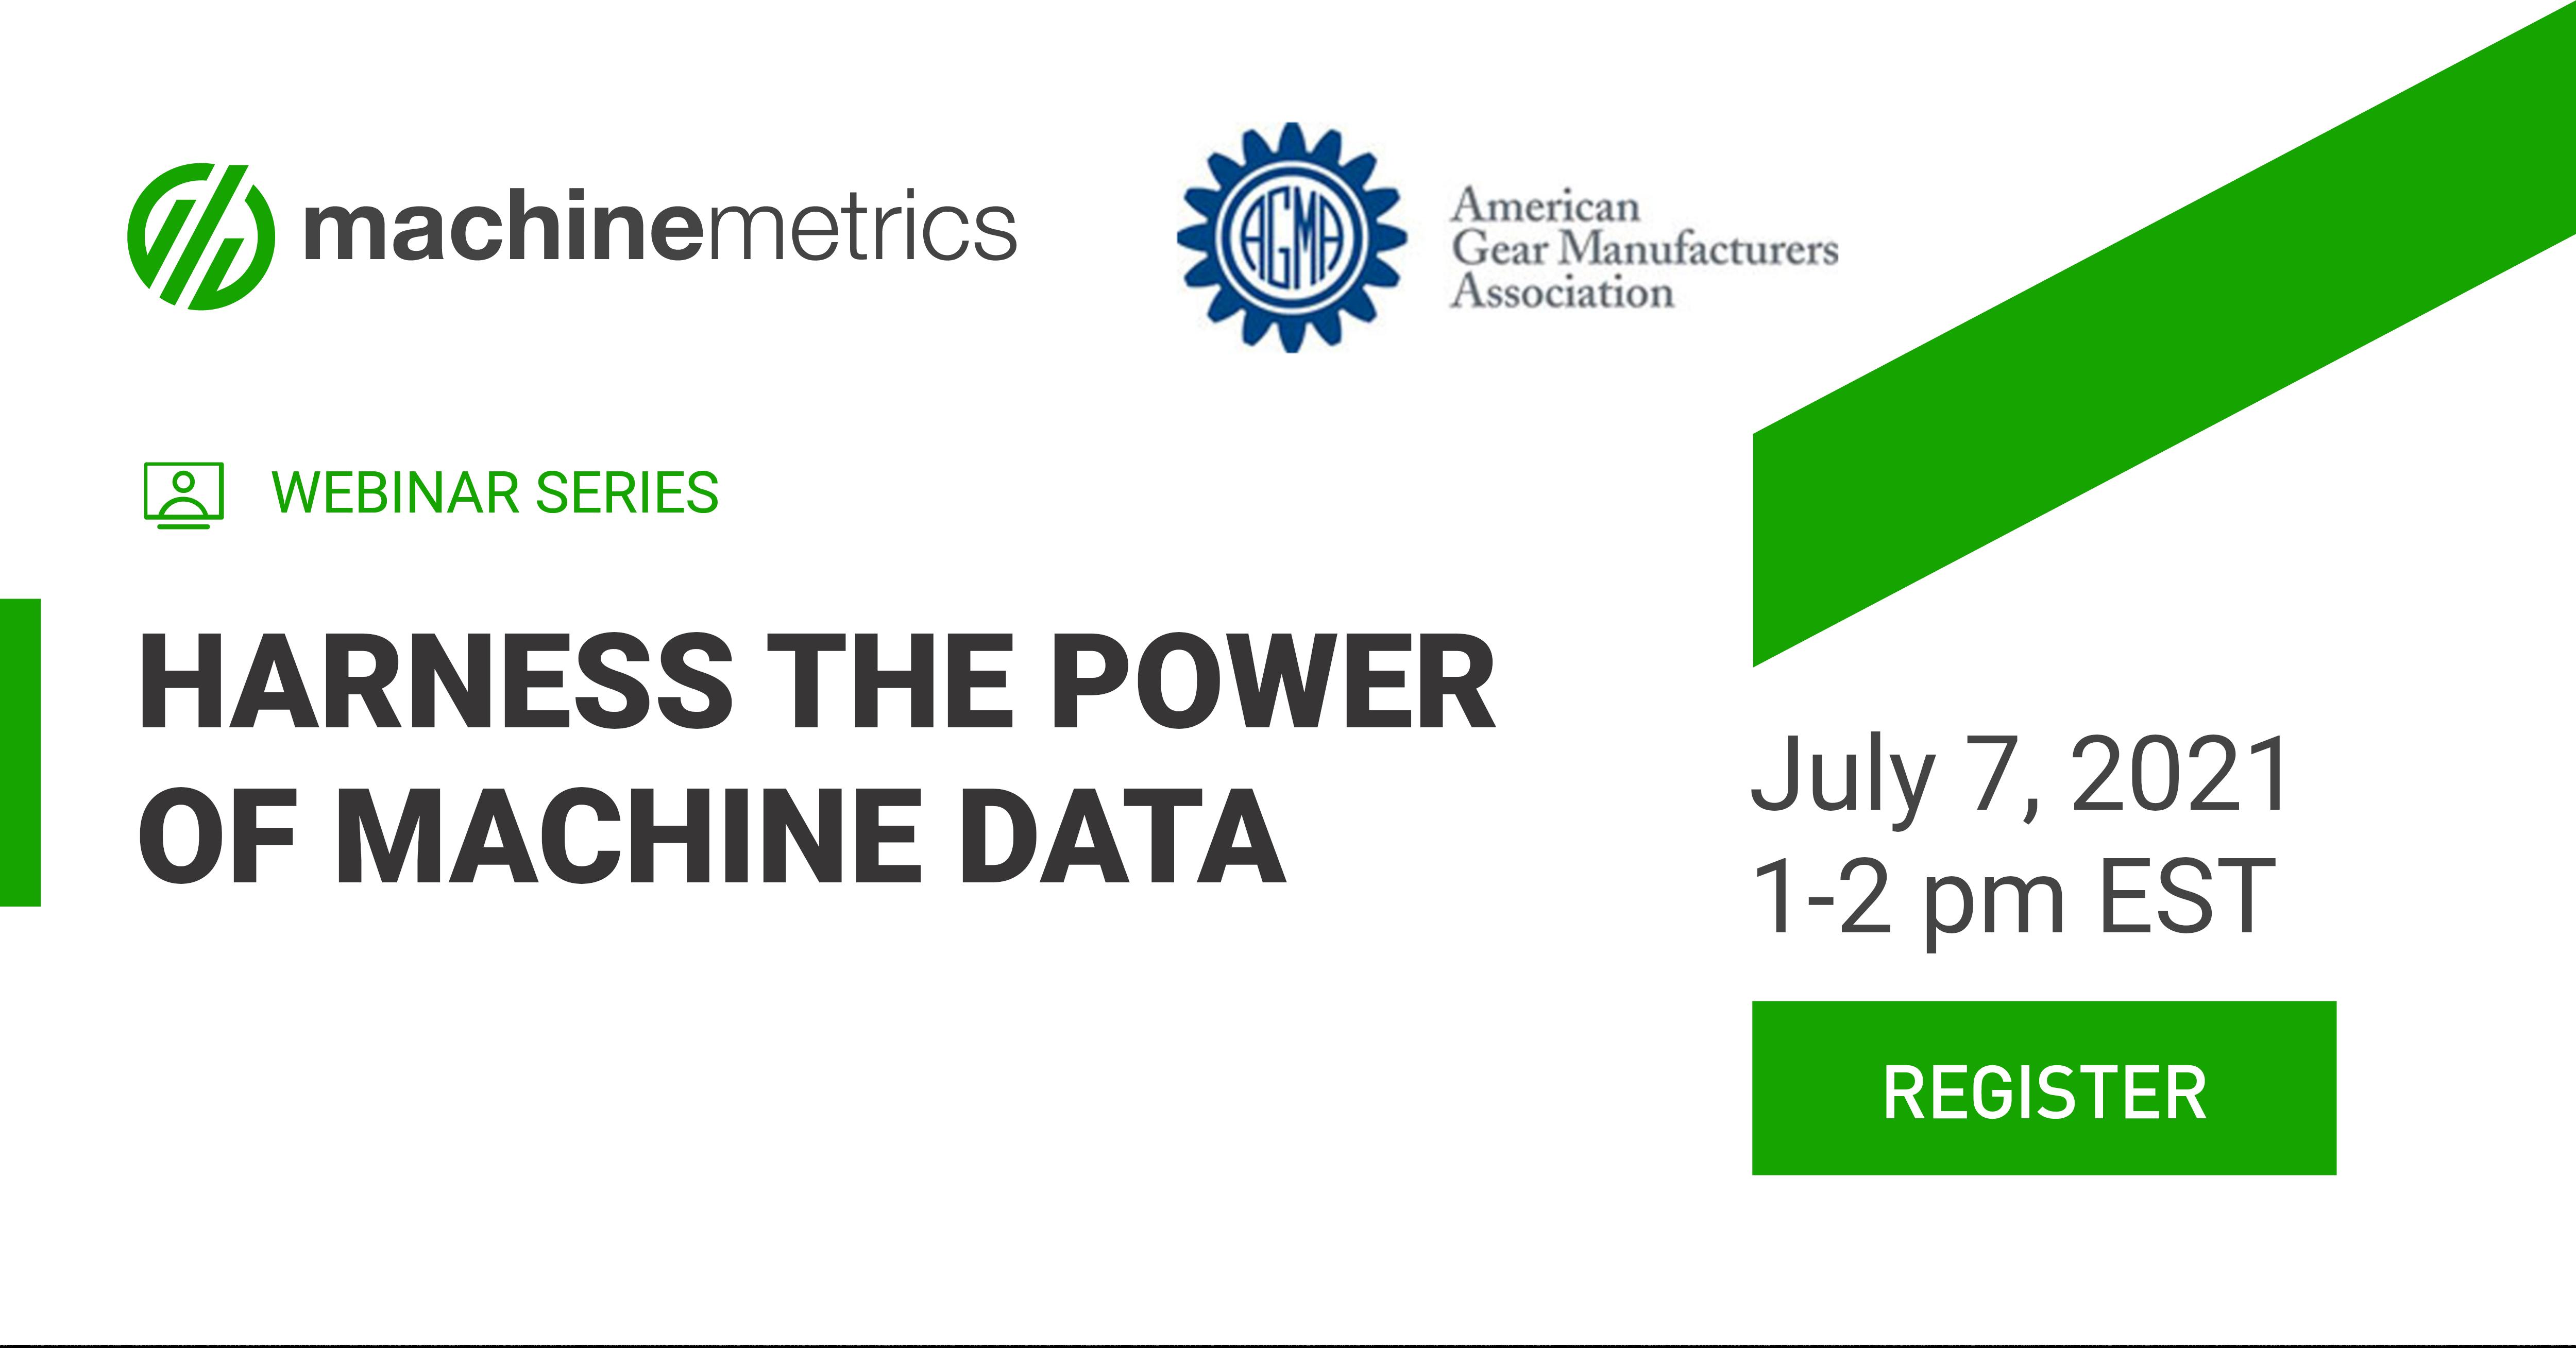 Harness the Power of Machine Data